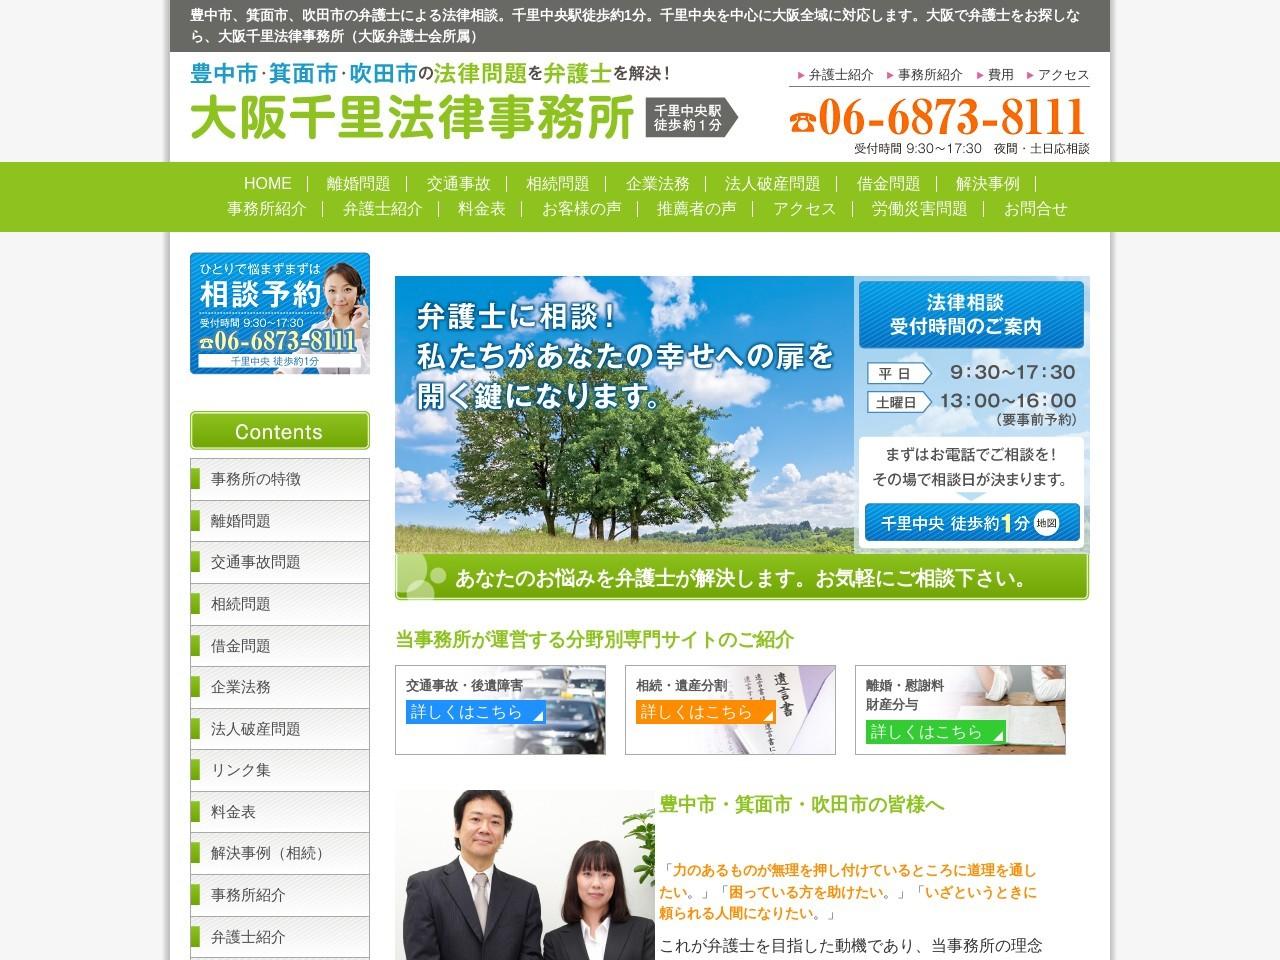 大阪千里法律事務所